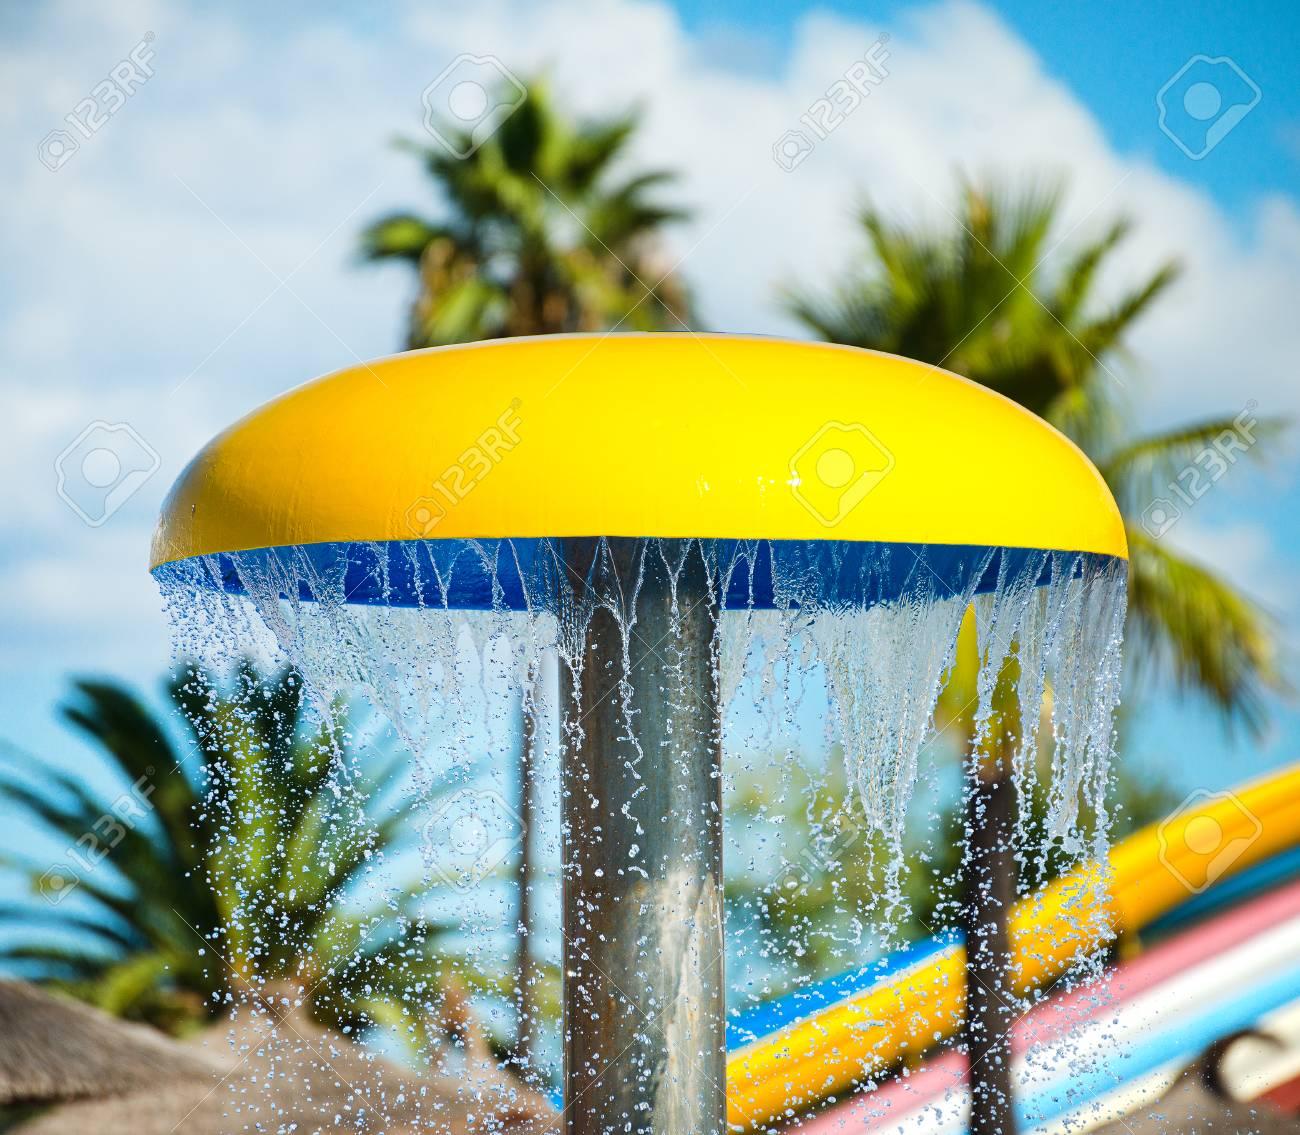 Champignon Decoratif Avec Douche Dans Le Parc Aquatique Banque D